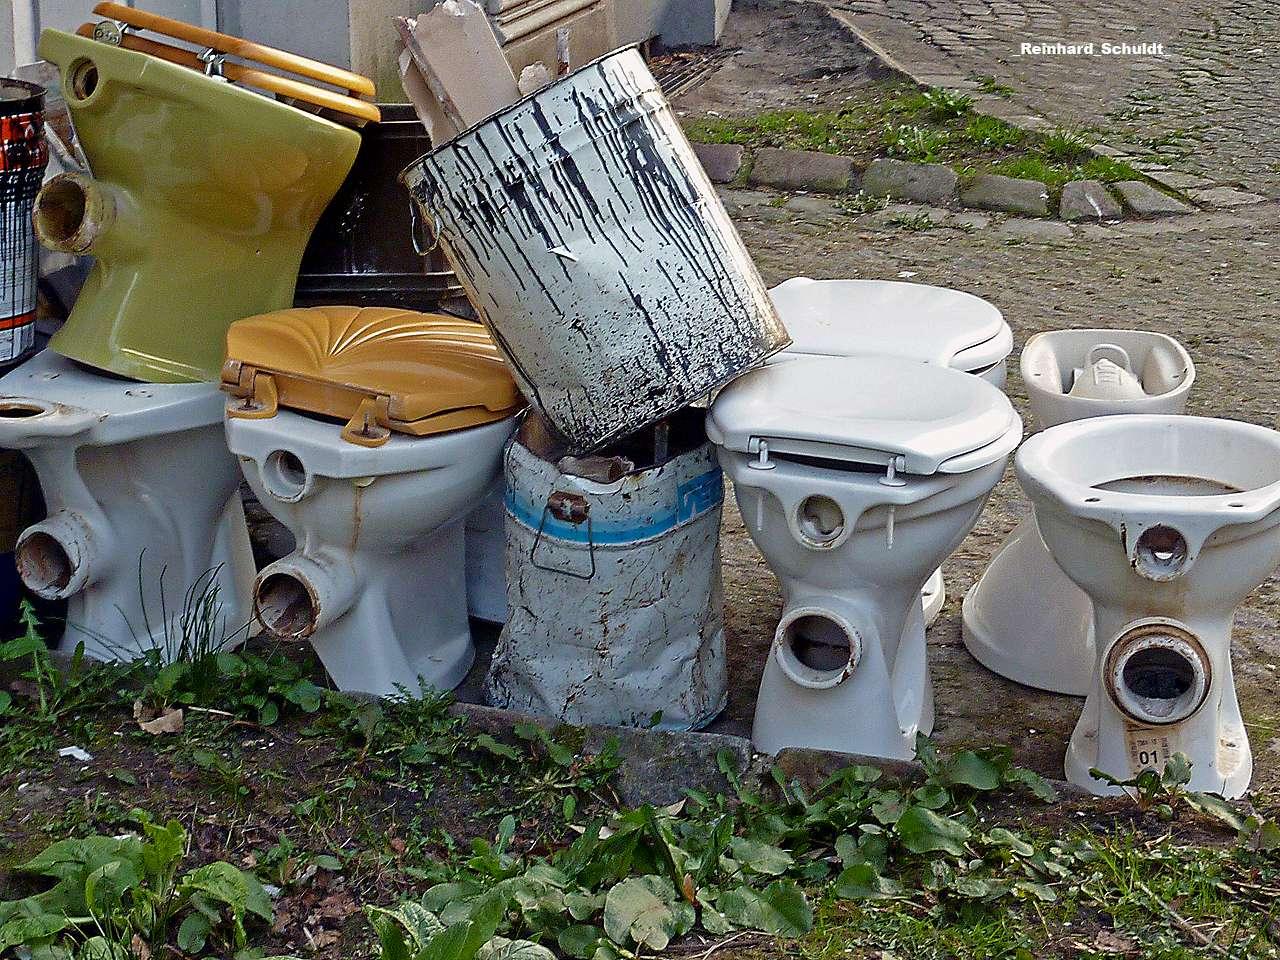 L'eau de recyclage de Newater, une fois reminéralisée, est tout à fait potable. Pourtant, les habitants de Singapour ne sont pas tous prêts à la boire... En revanche, elle convient aux besoins d'industriels qui recherchent une eau d'une bonne pureté. Les Australiens franchiront-ils le pas ? © Reinhard_Schuldt (Brigitte Schuldt), Flickr, cc by nc nd 2.0